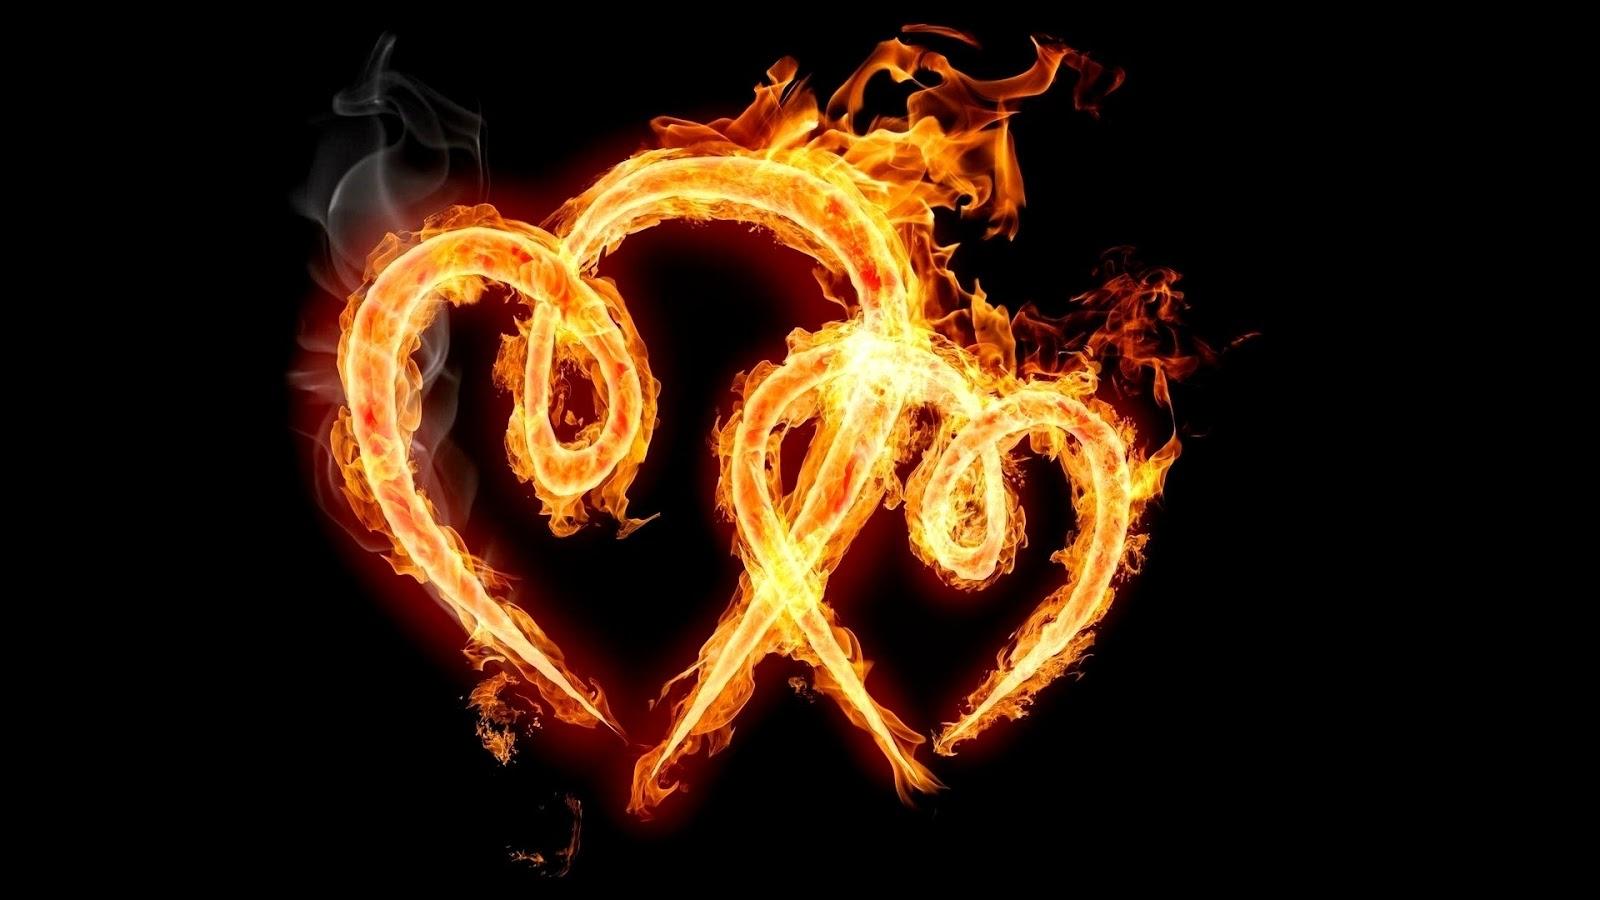 قلبين متقدين بلهيب الحب.